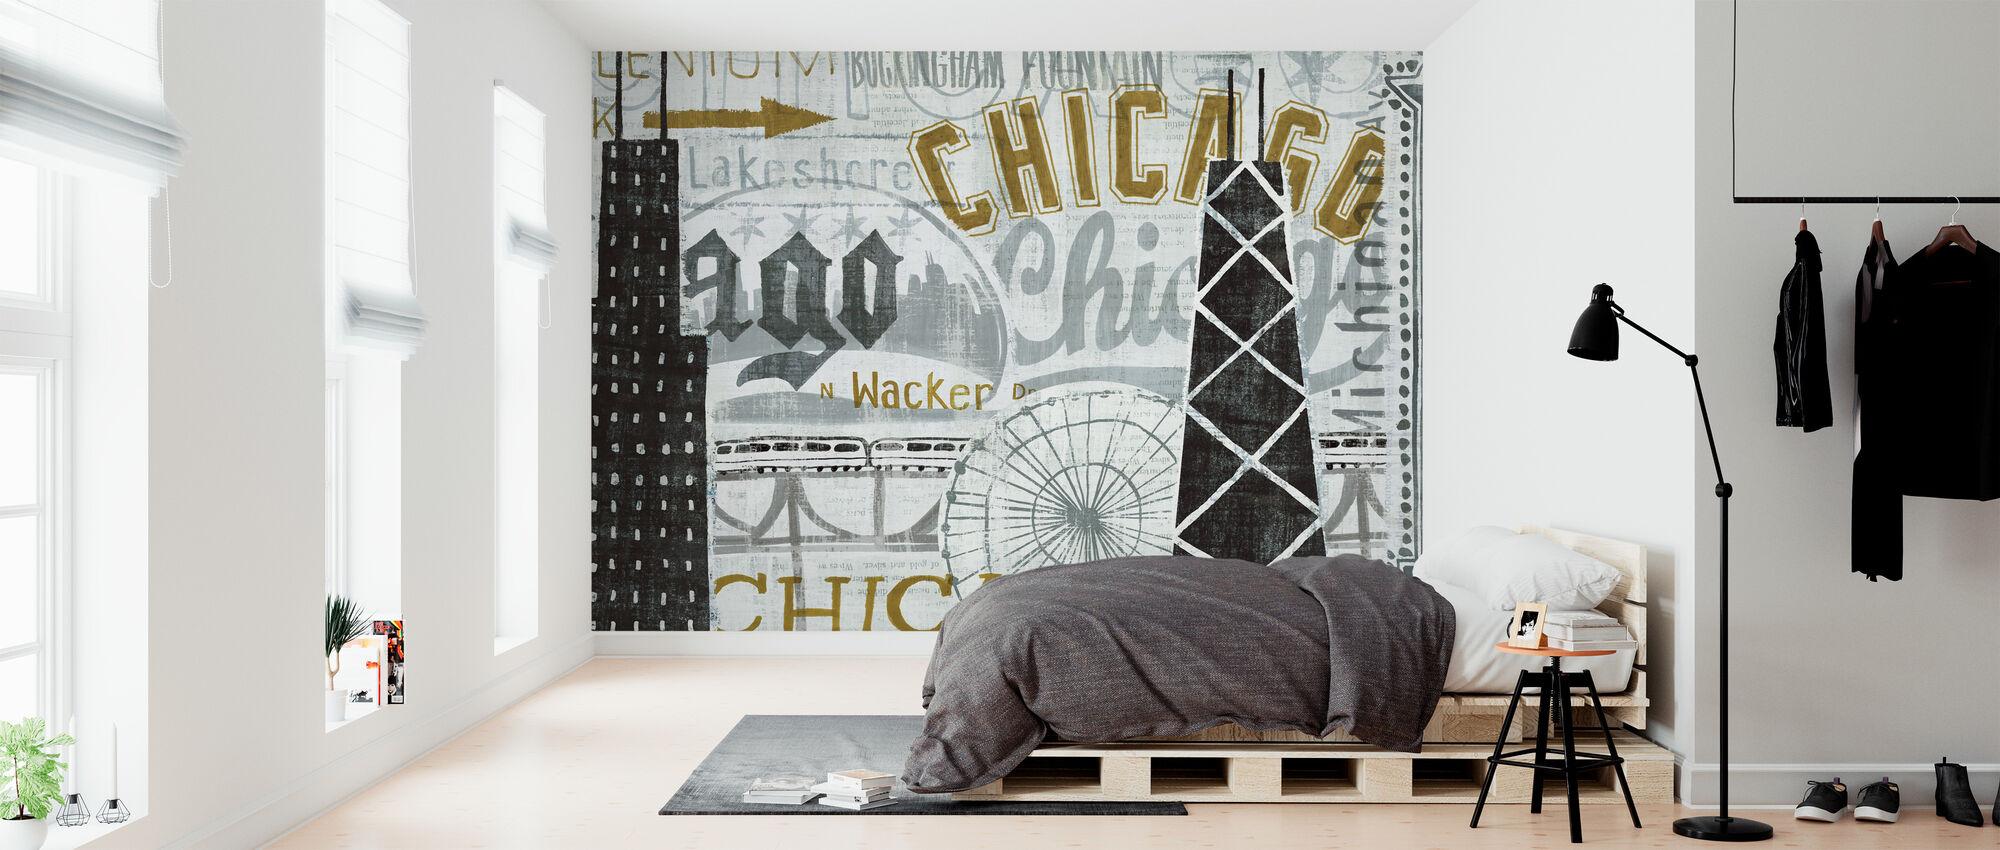 Hé Chicago Vintage - Behang - Slaapkamer